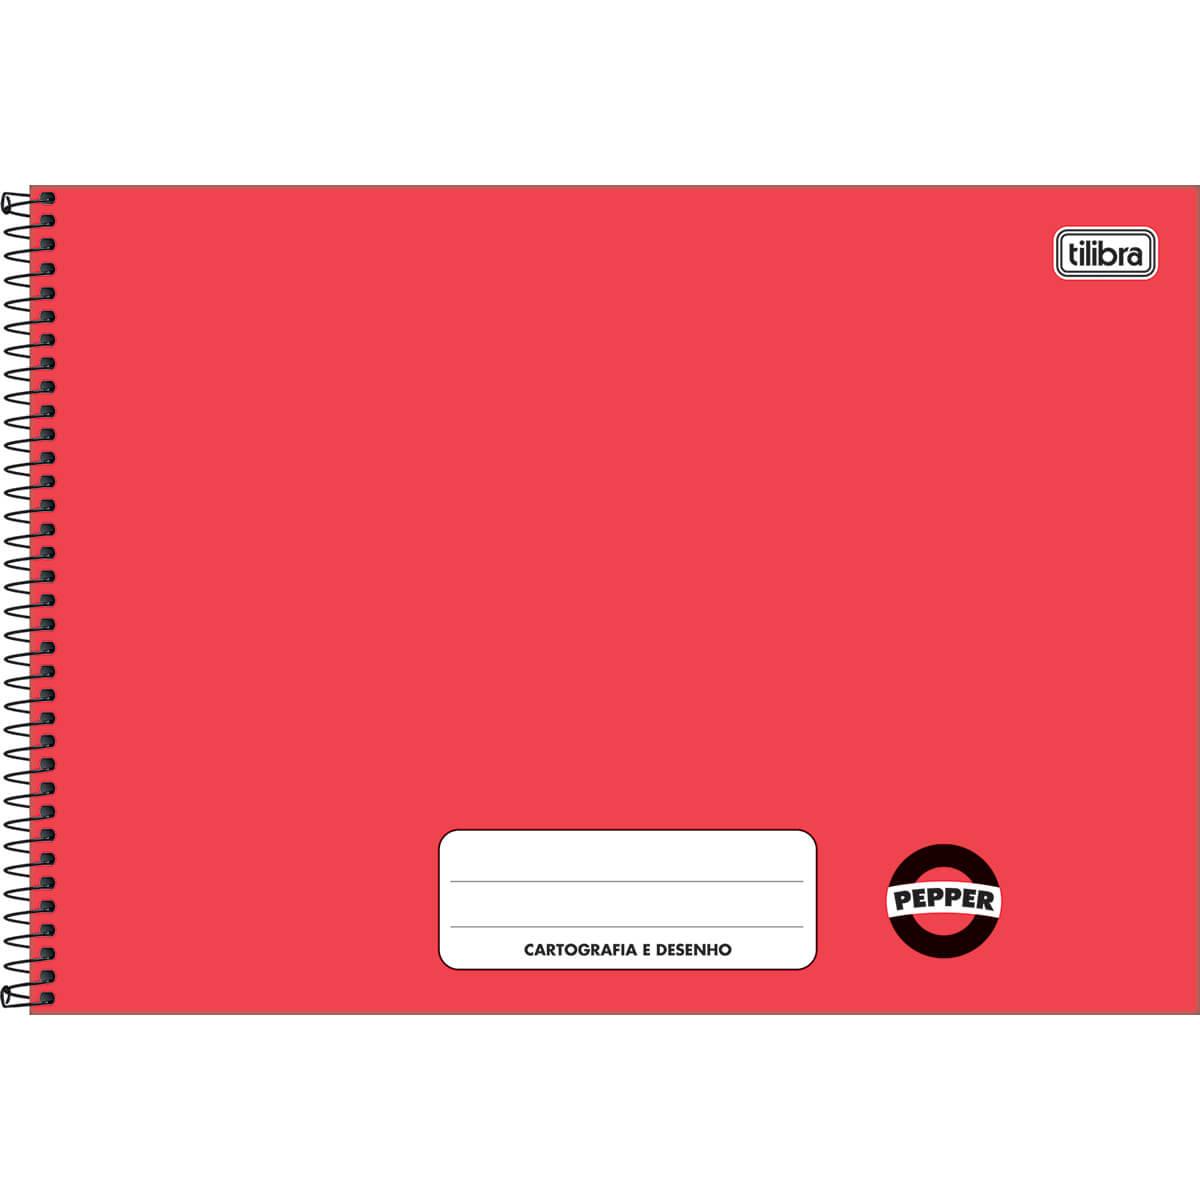 Caderno desenho 80 fls vermelho PEPPER Tilibra